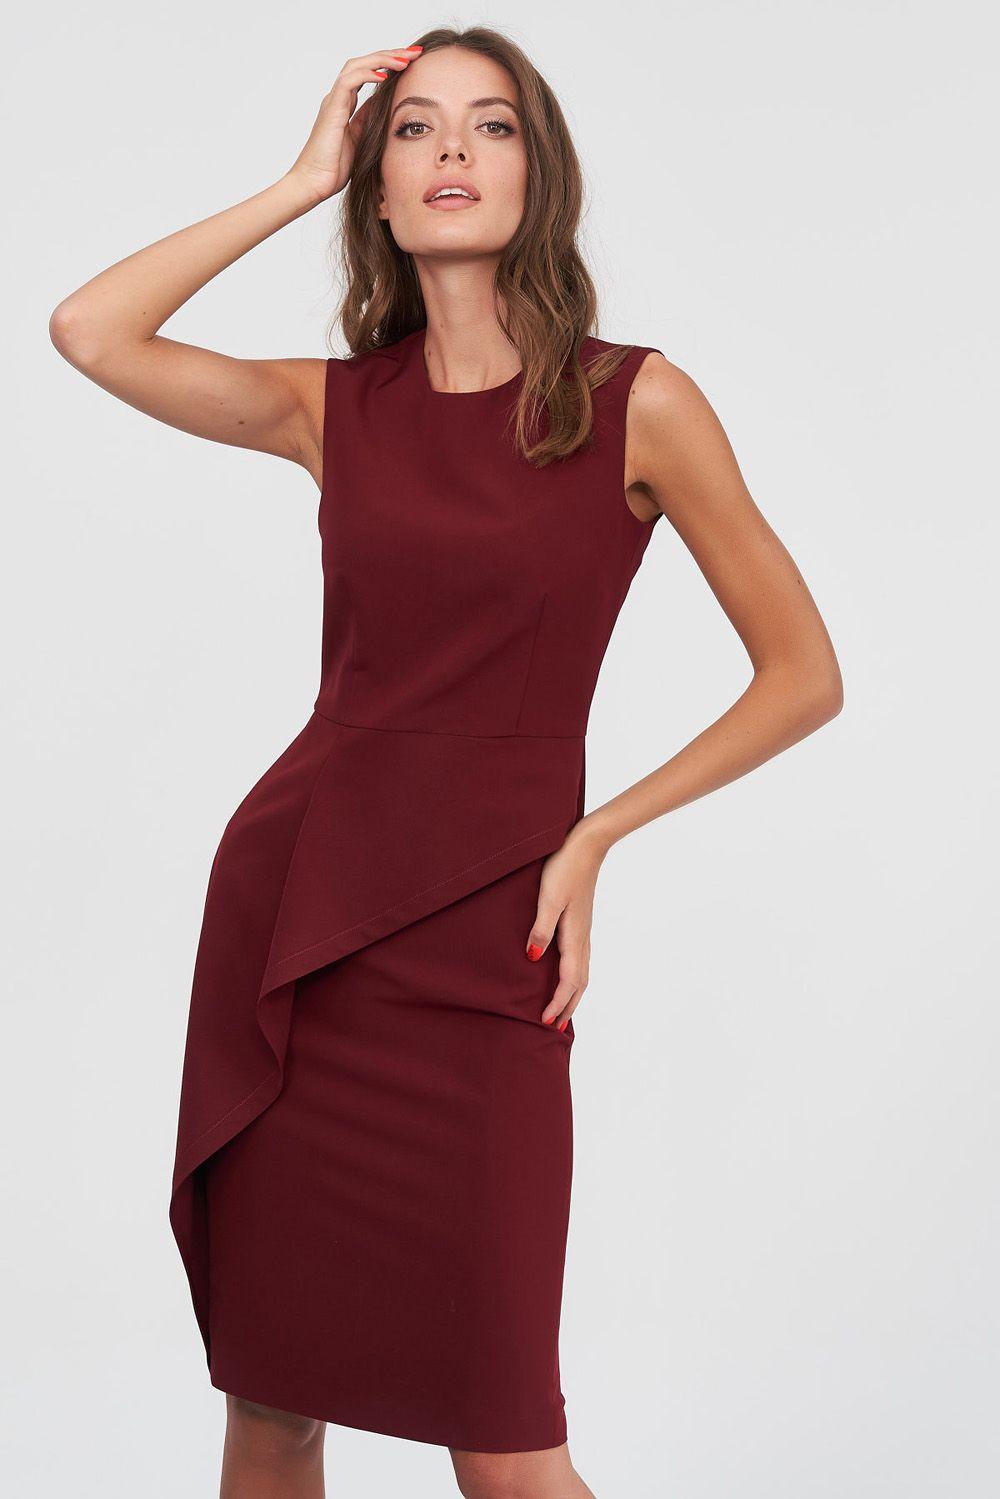 Платье женские Natali Bolgar модель 19062KR155 приобрести, 2017